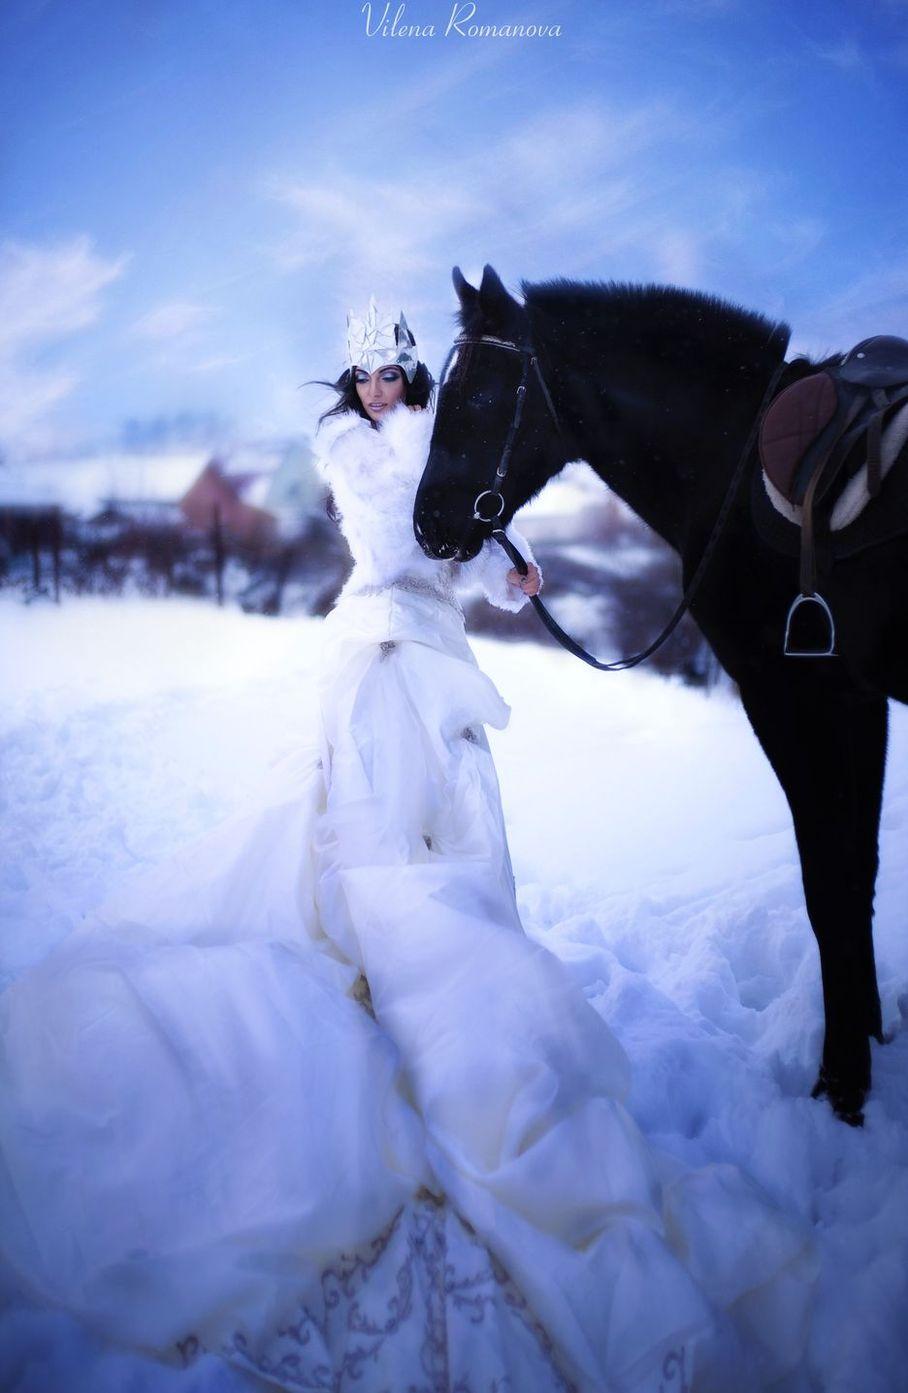 образ снежной королевы